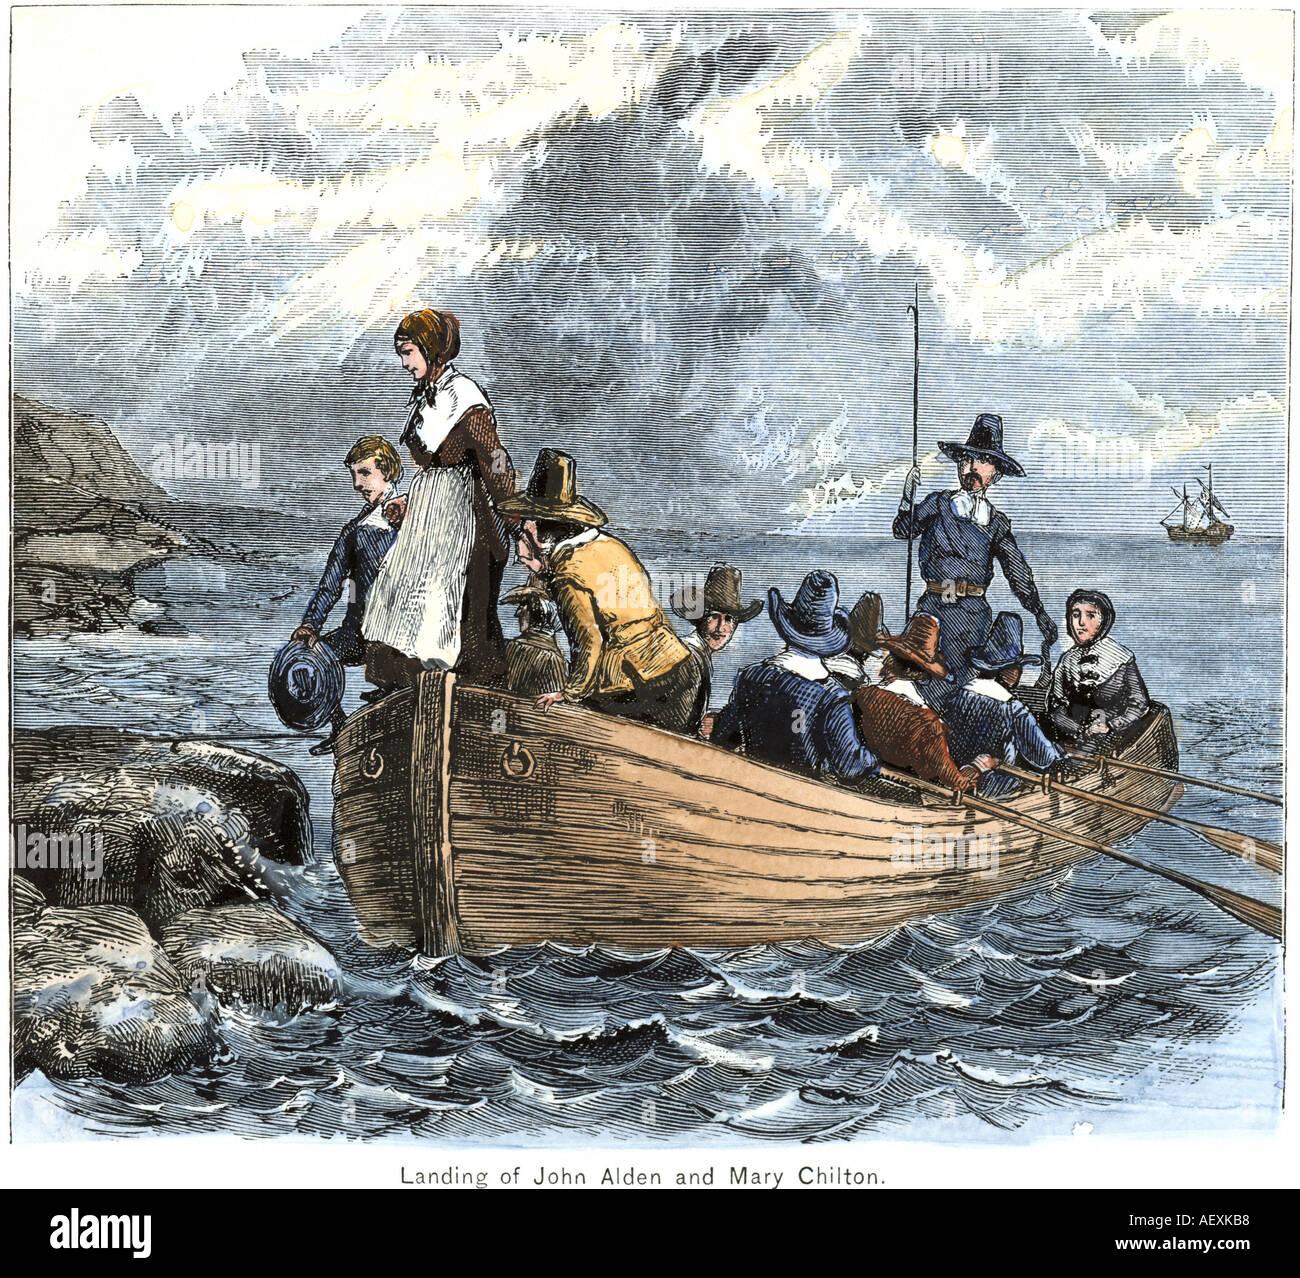 Pilger John Alden und Maria Chilton Landung am Plymouth vom Schiff Mayflower 1620. Hand - farbige Holzschnitt Stockbild